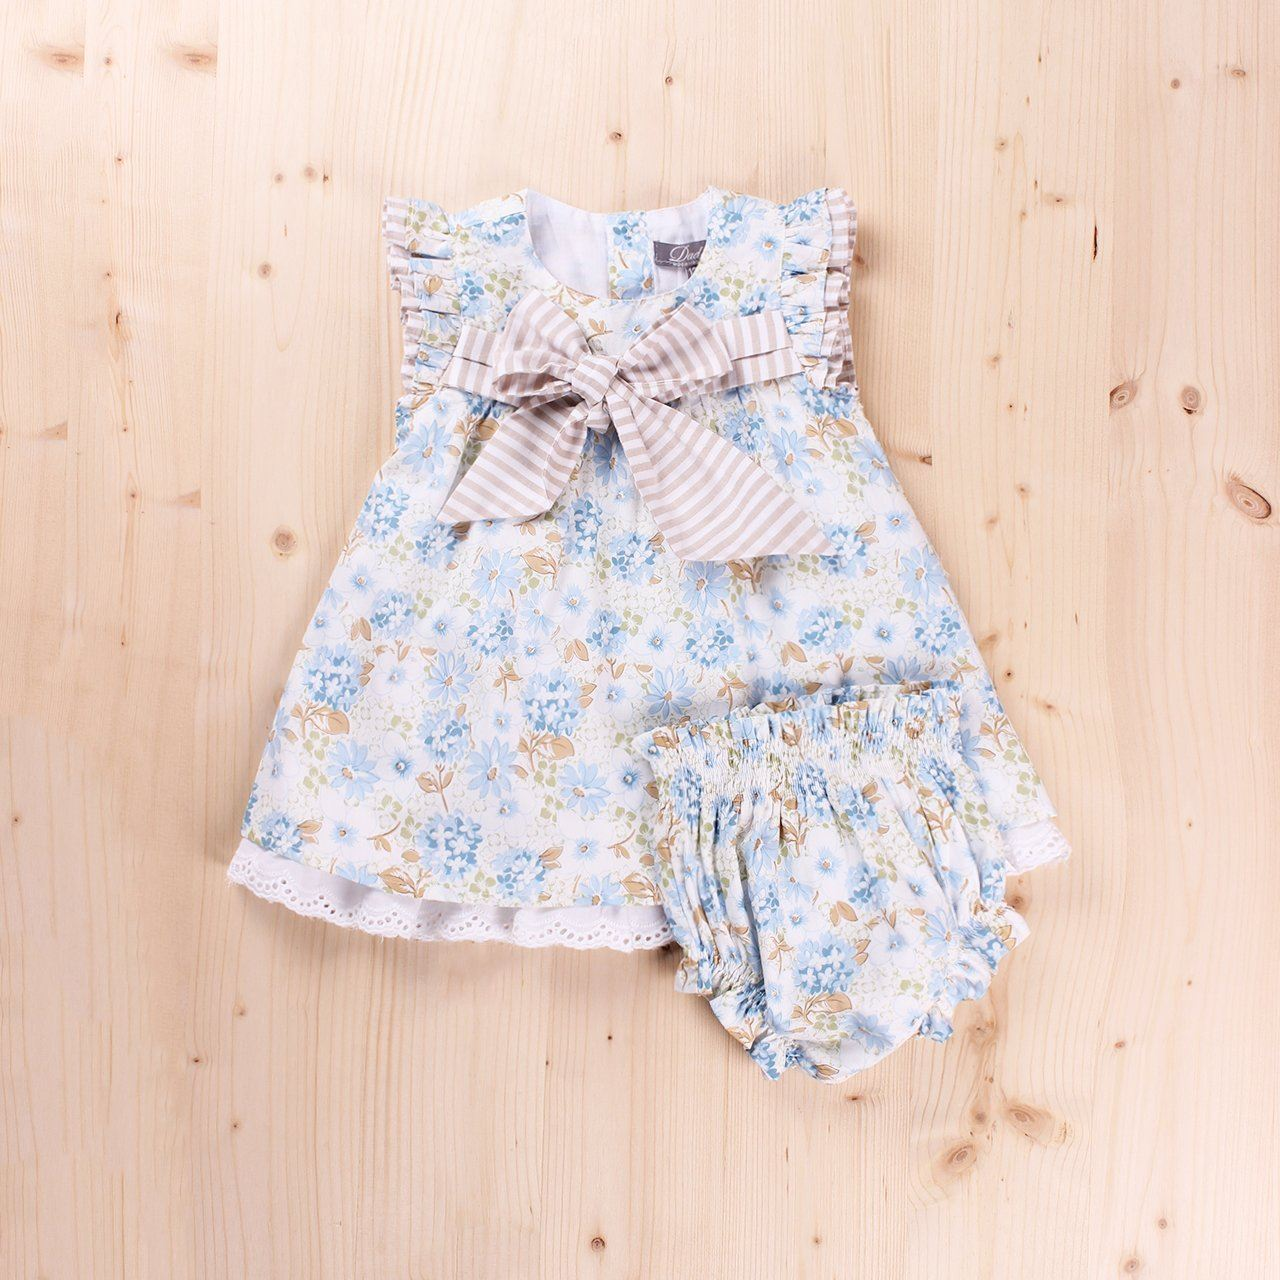 b88df8eeb100 Vestido Bebé Petunia lazo pecho y braguita. Dadati - Moda infantil